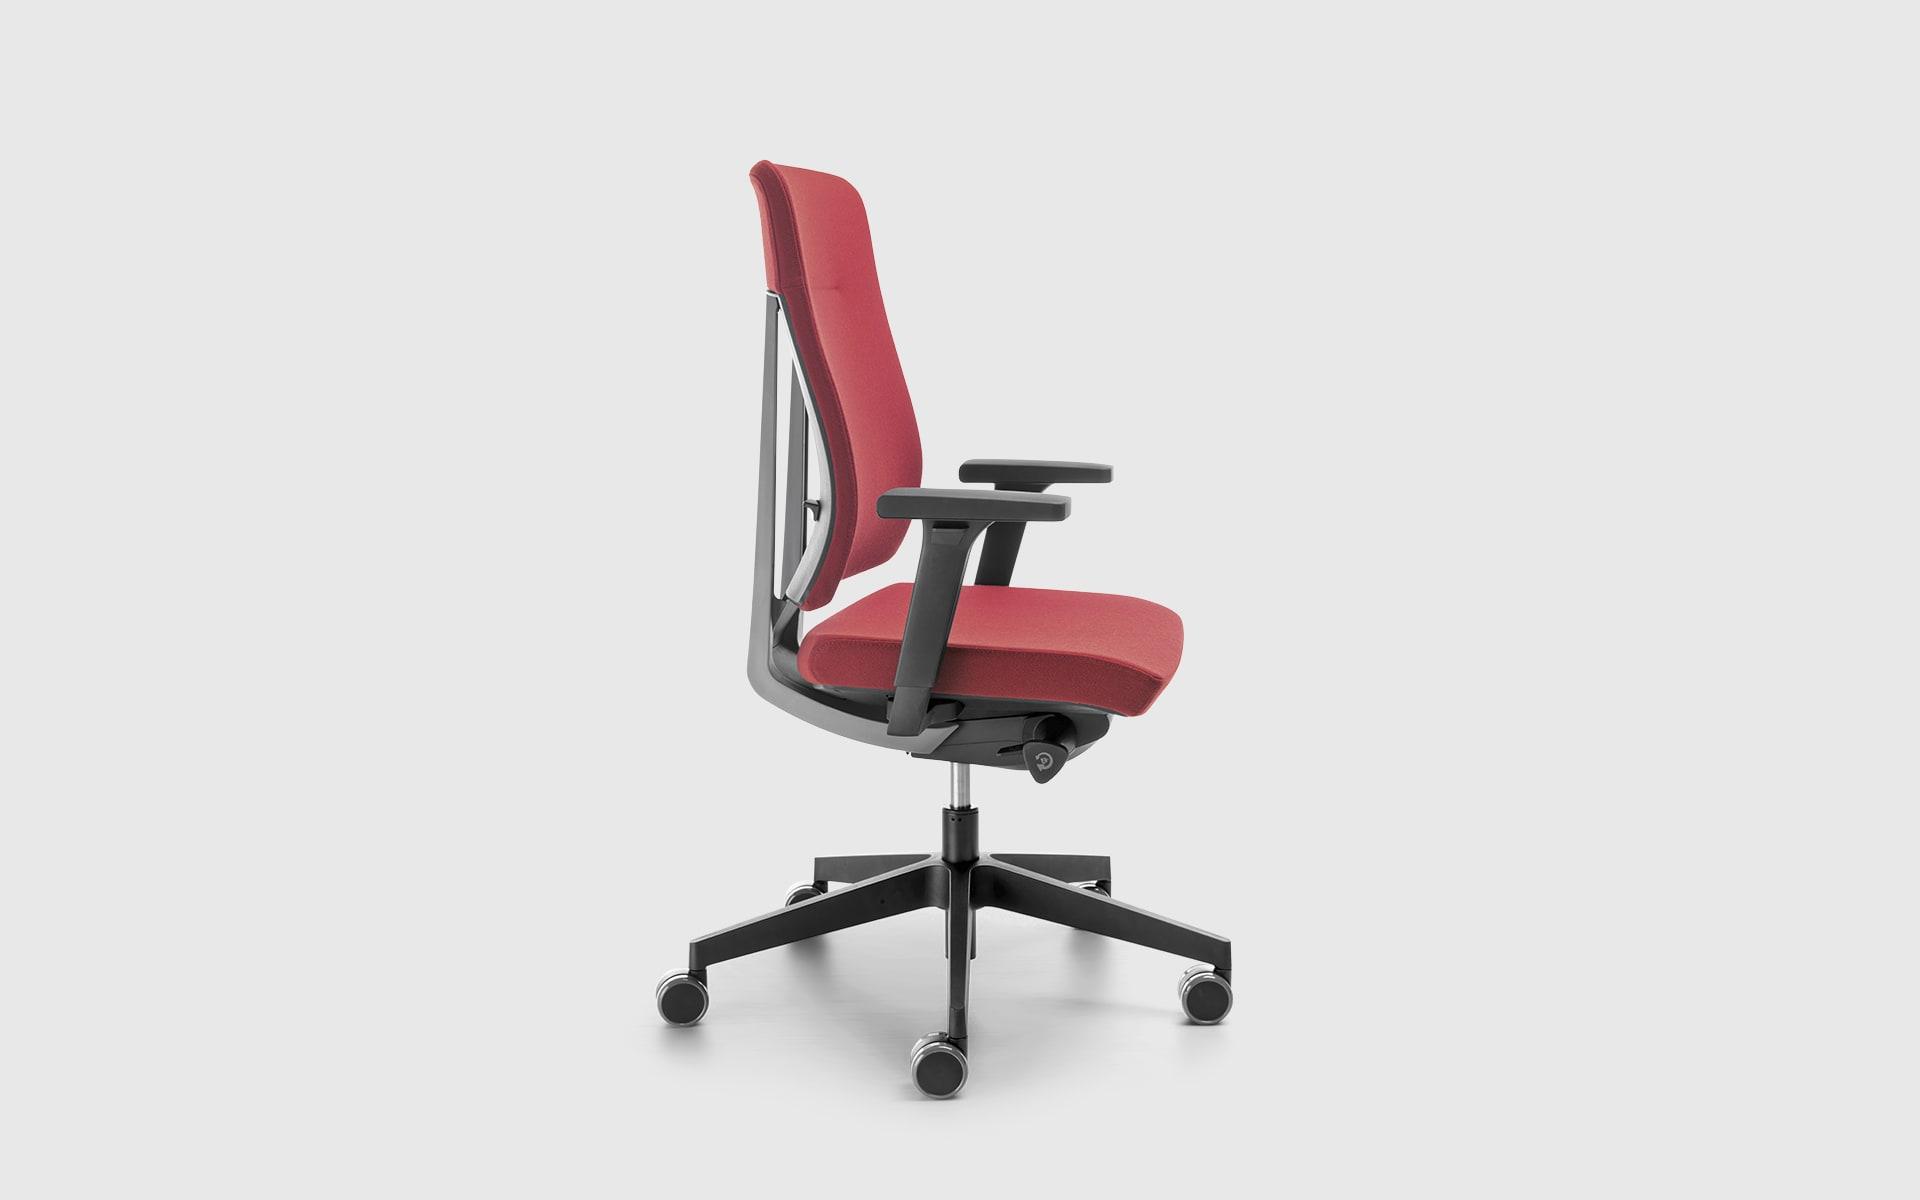 Profim Xenon Bürostuhl von ITO Design mit rotem Polster